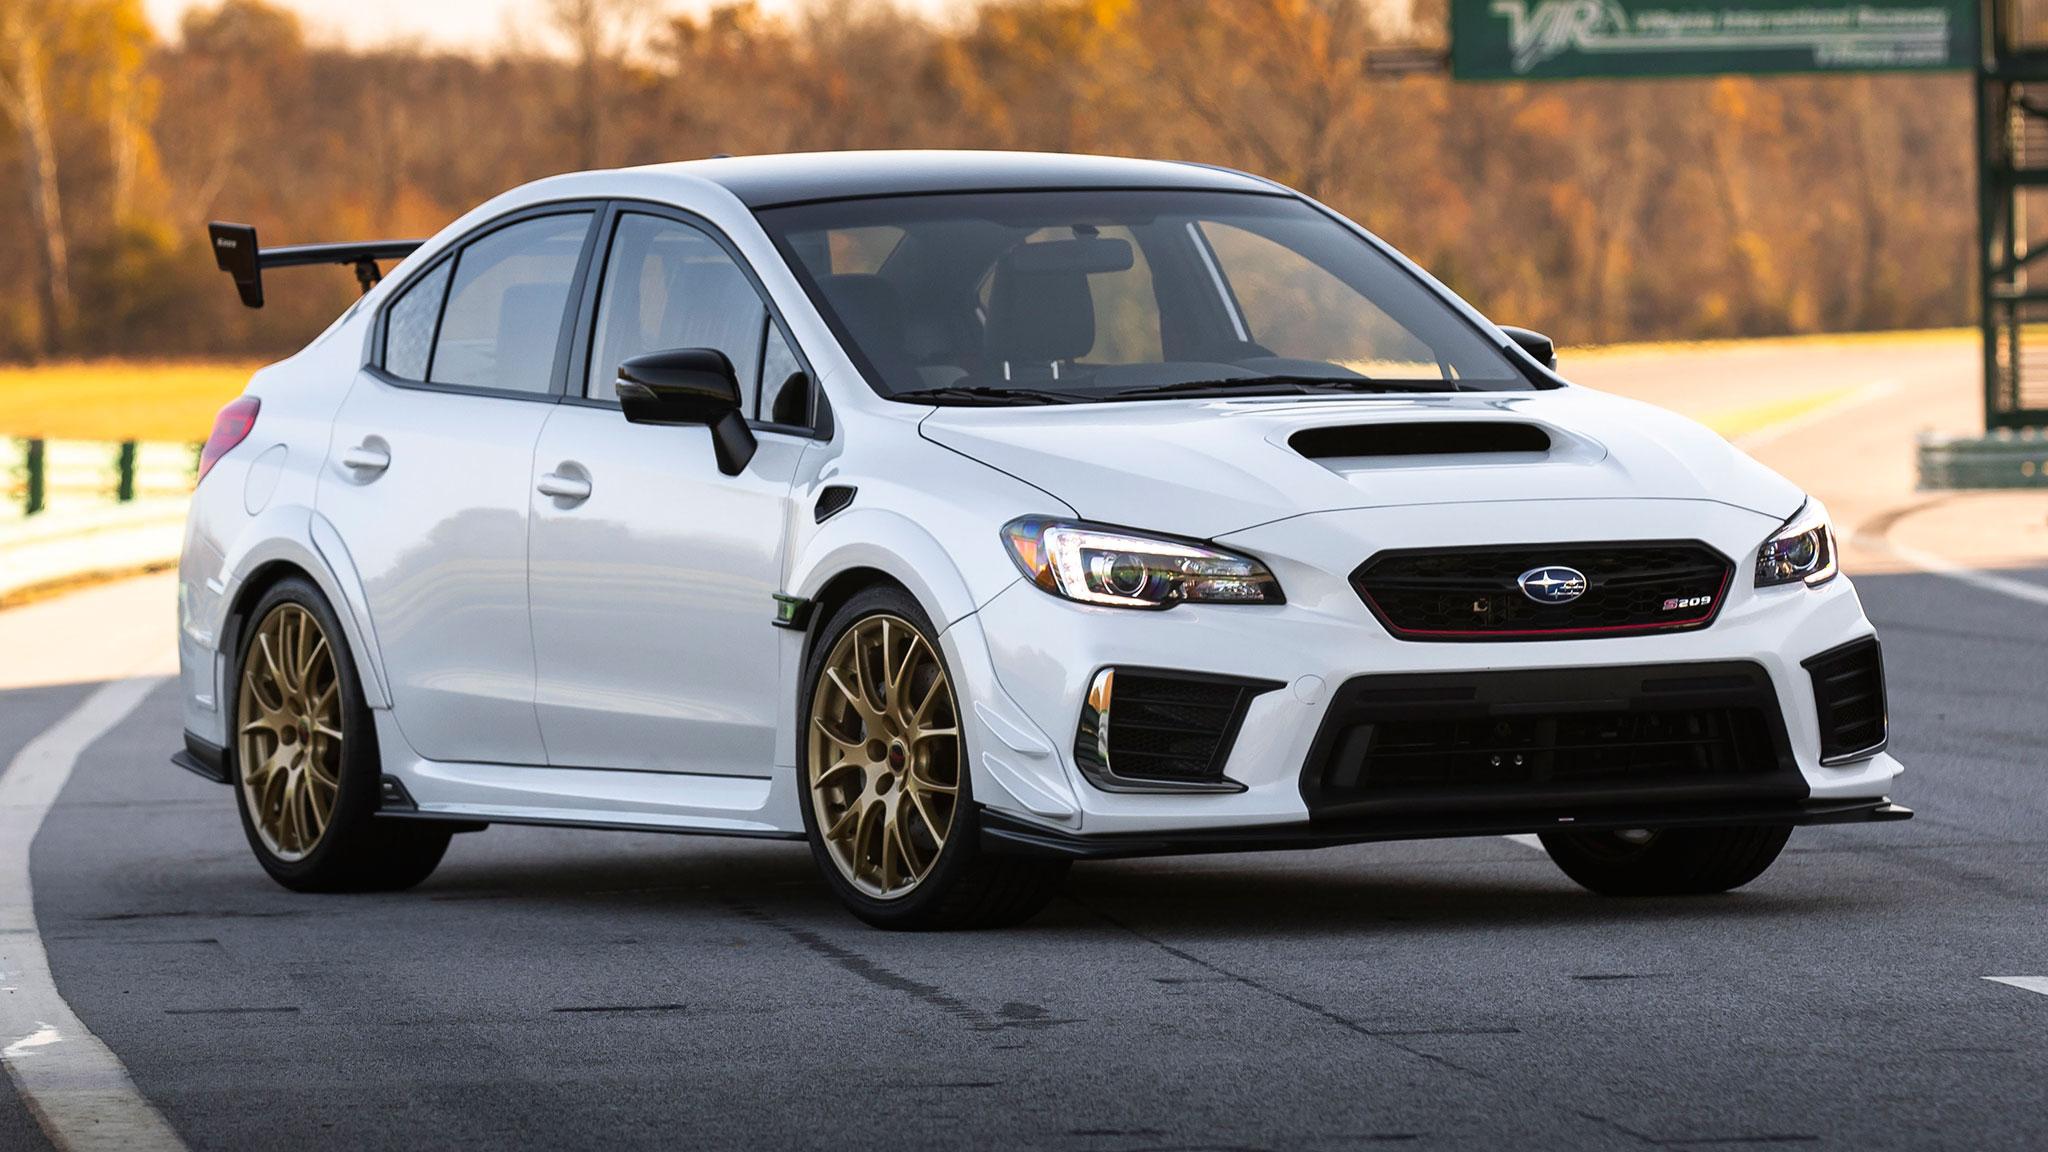 Wrx Sti 0 60 >> Wrx Sti 0 60 New Car Release Date